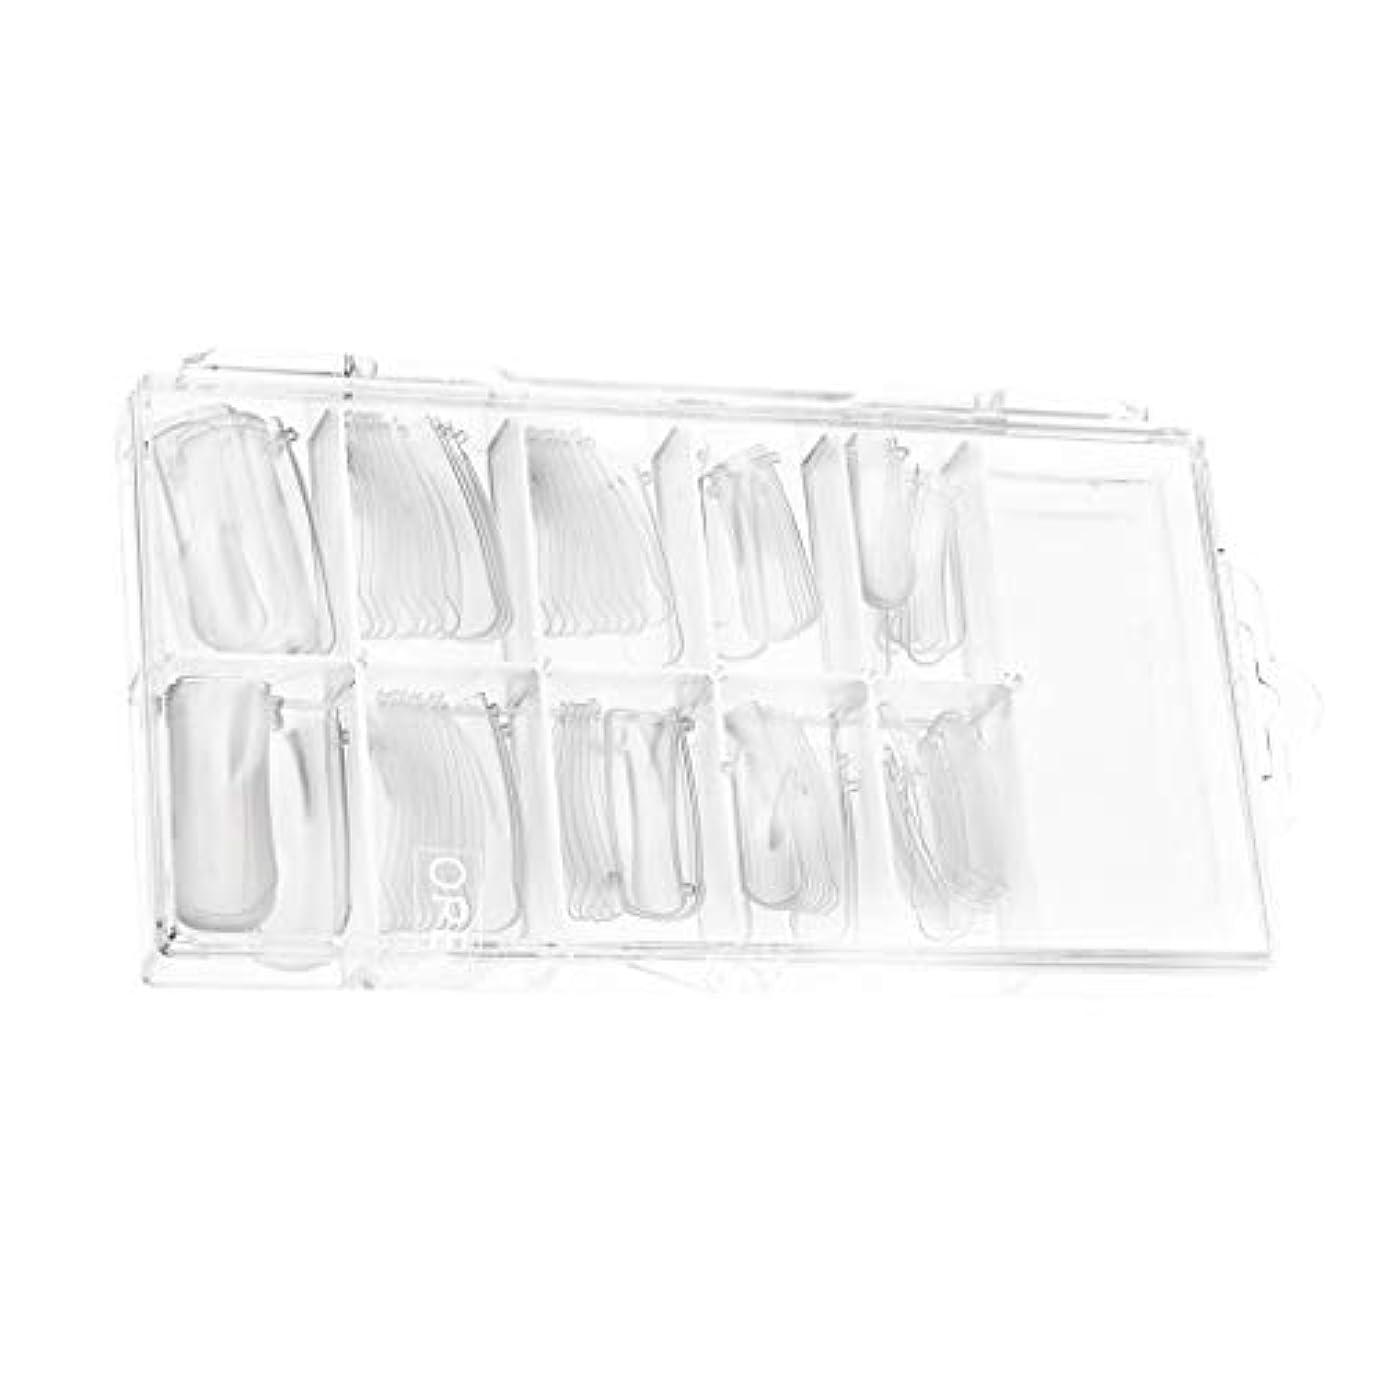 たくさん100棺ネイルクリアバレリーナネイルのヒントロングフルカバーアクリルネイル個人用または業務用(クリア)用10サイズ